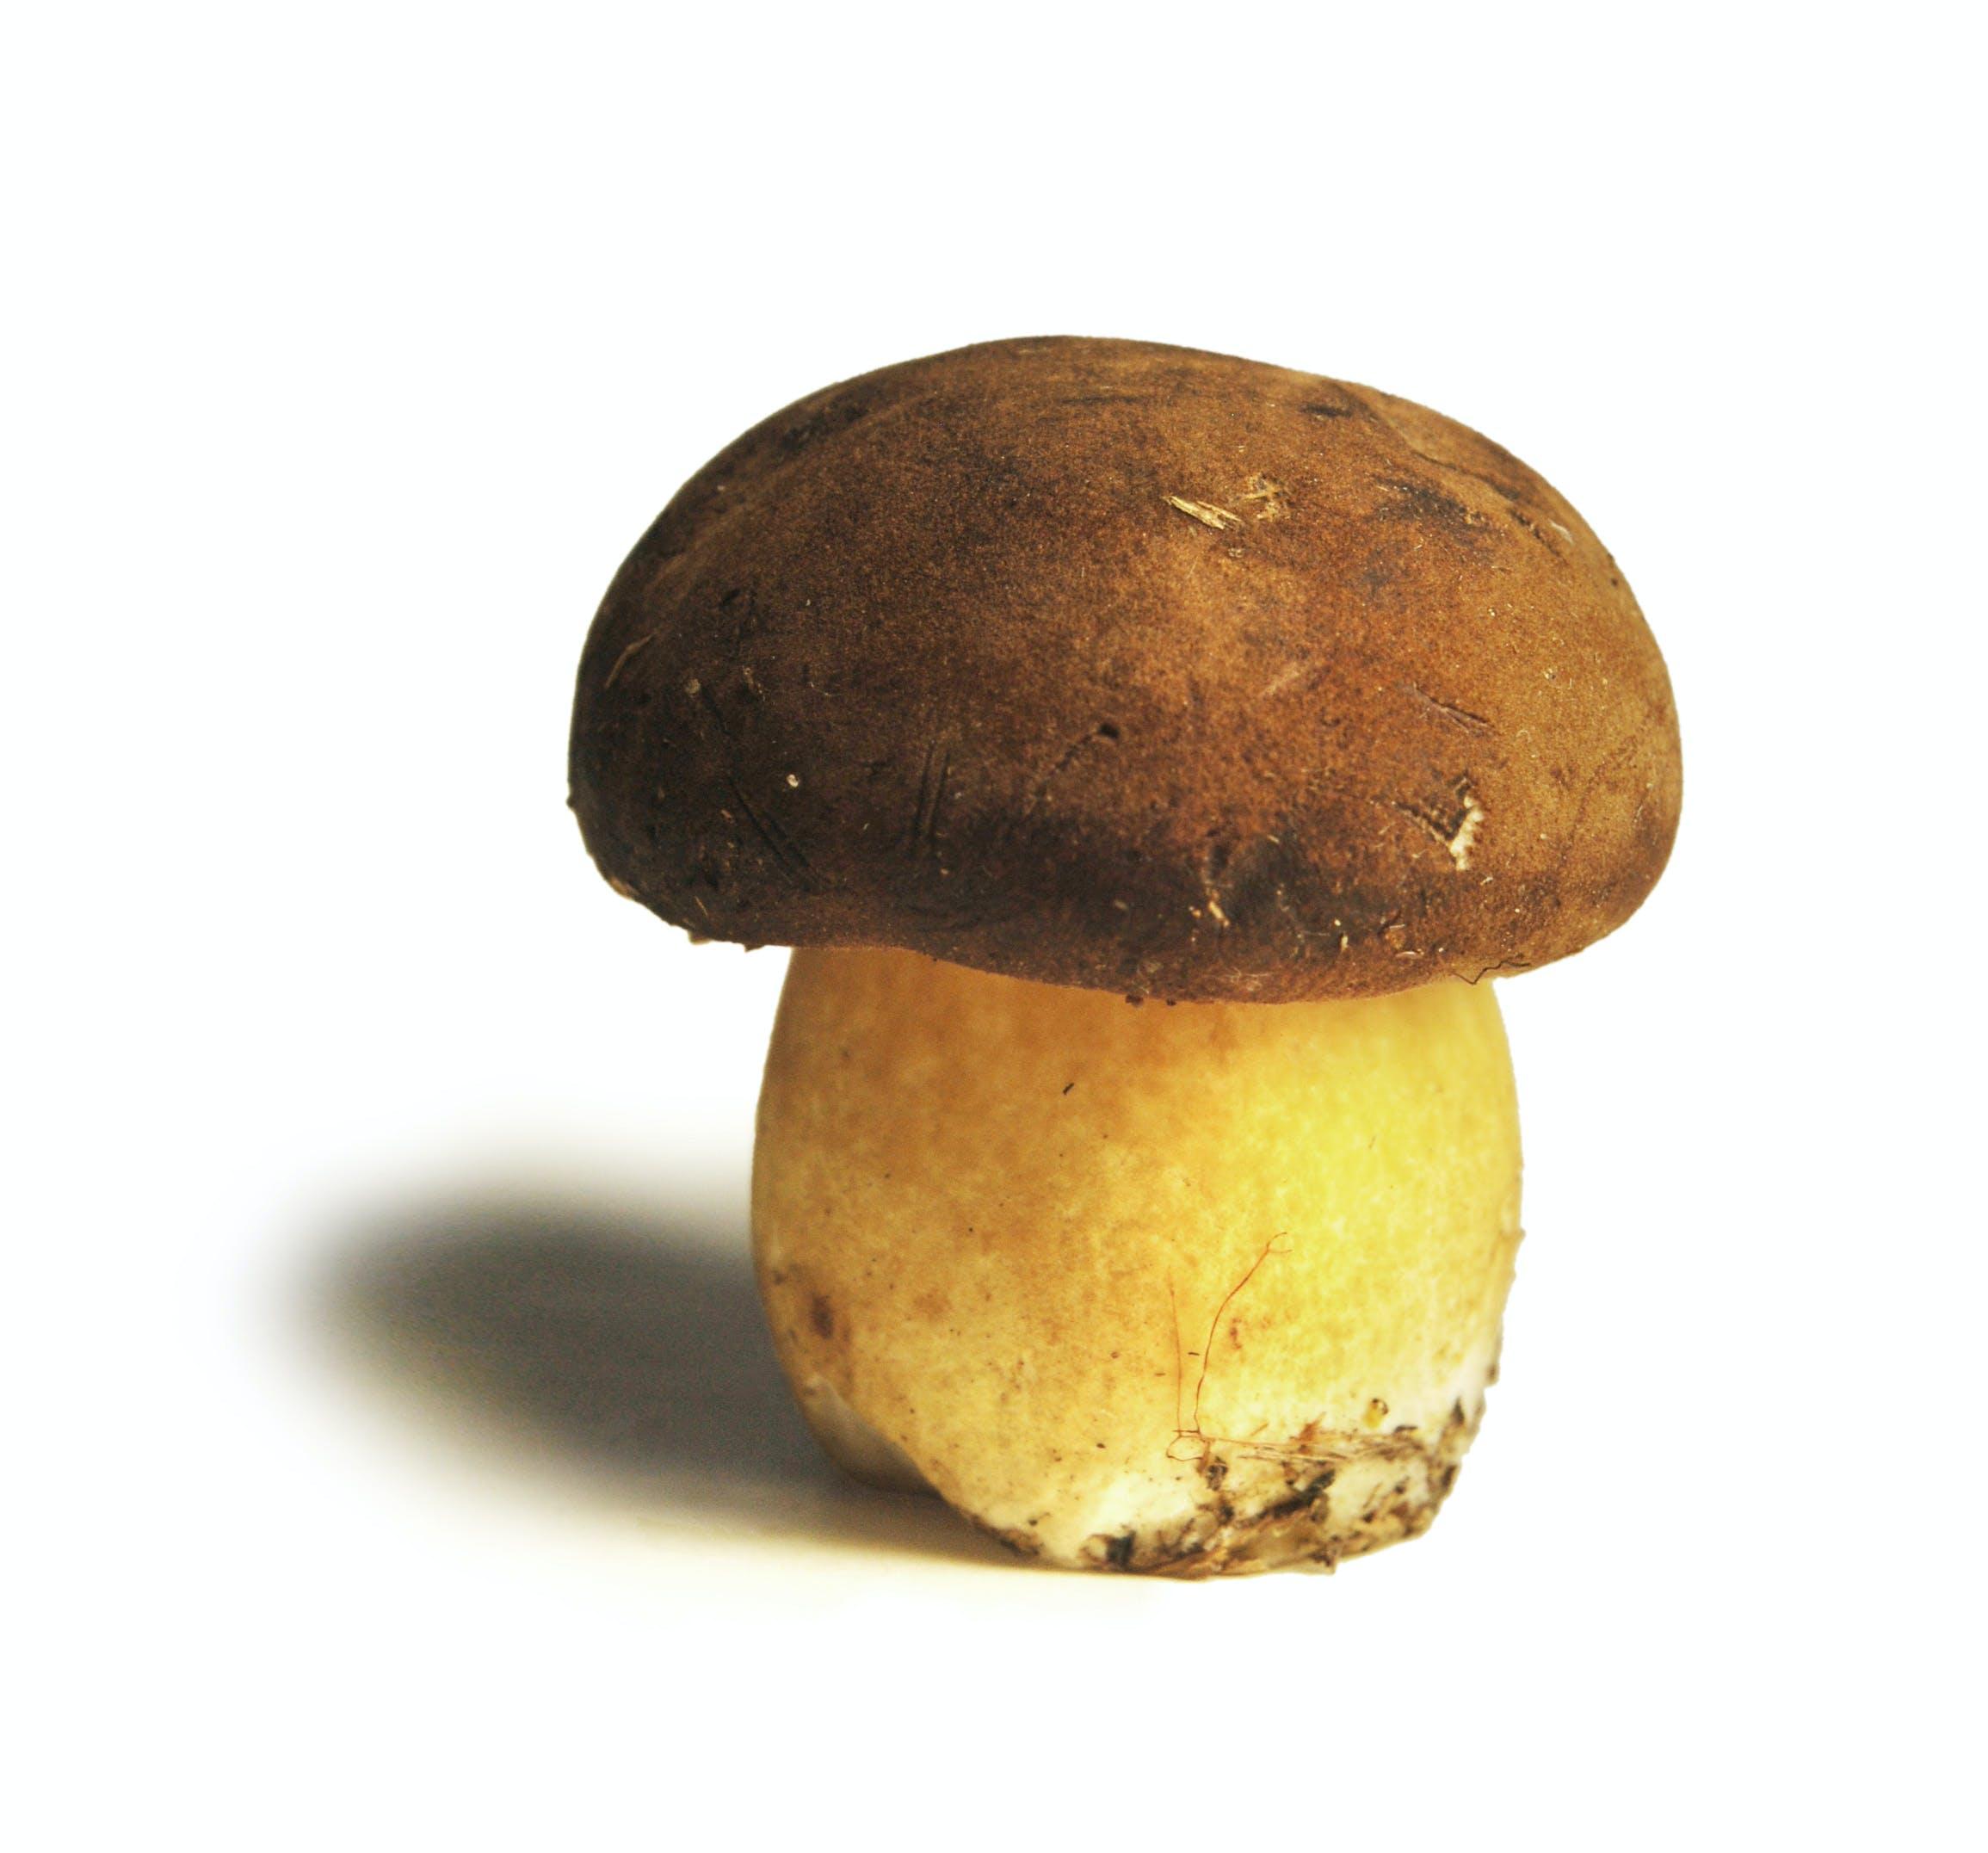 Gratis stockfoto met boleet, close-up, eten, paddenstoel